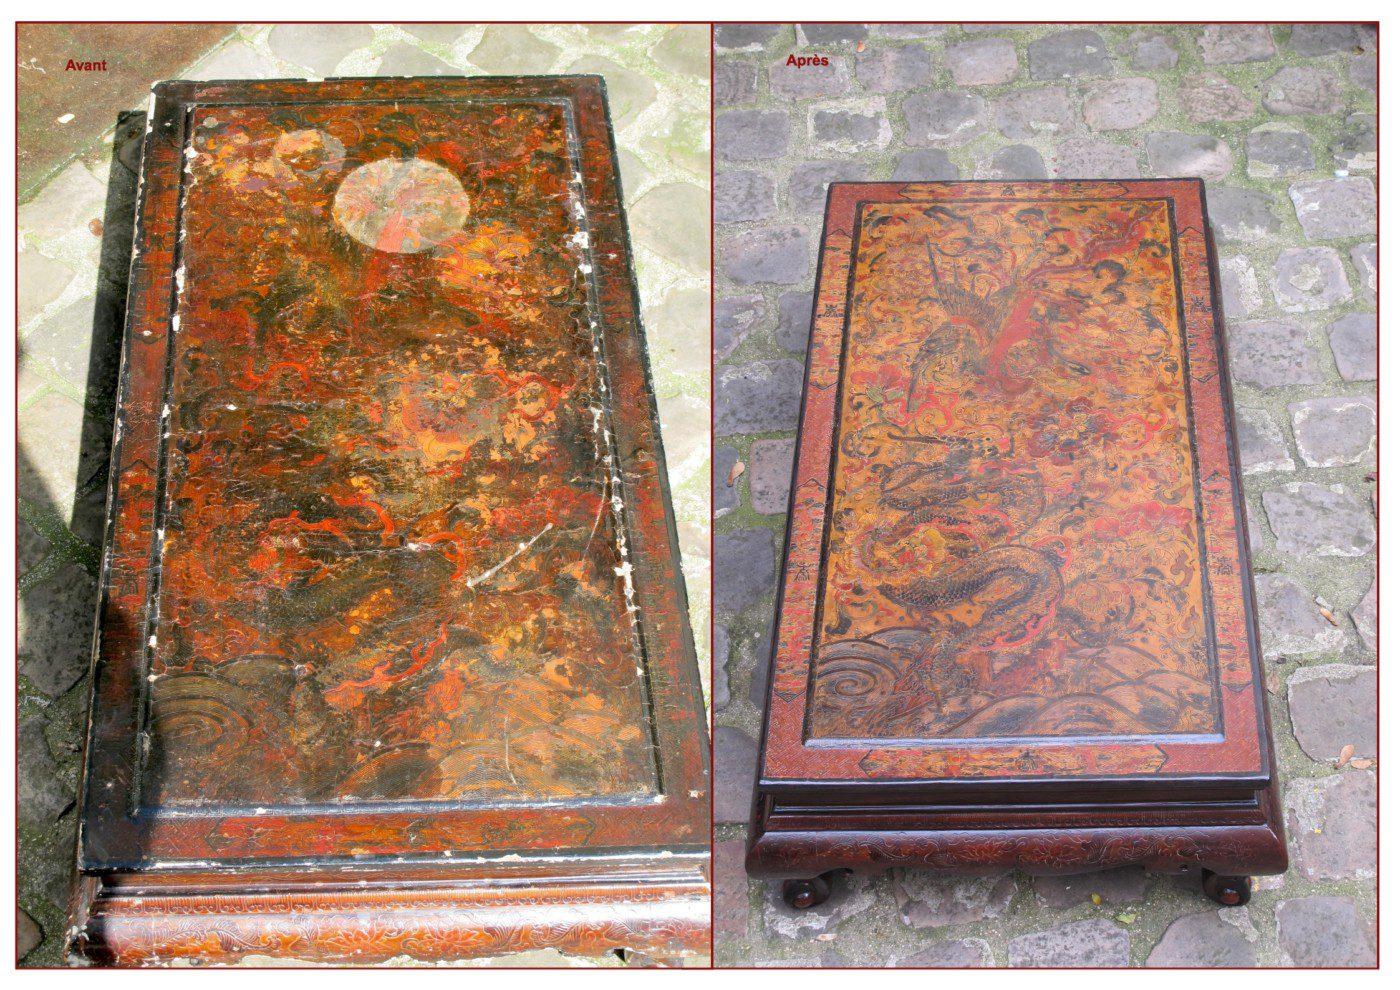 Plateau d'une table en laque gravée avant-apres